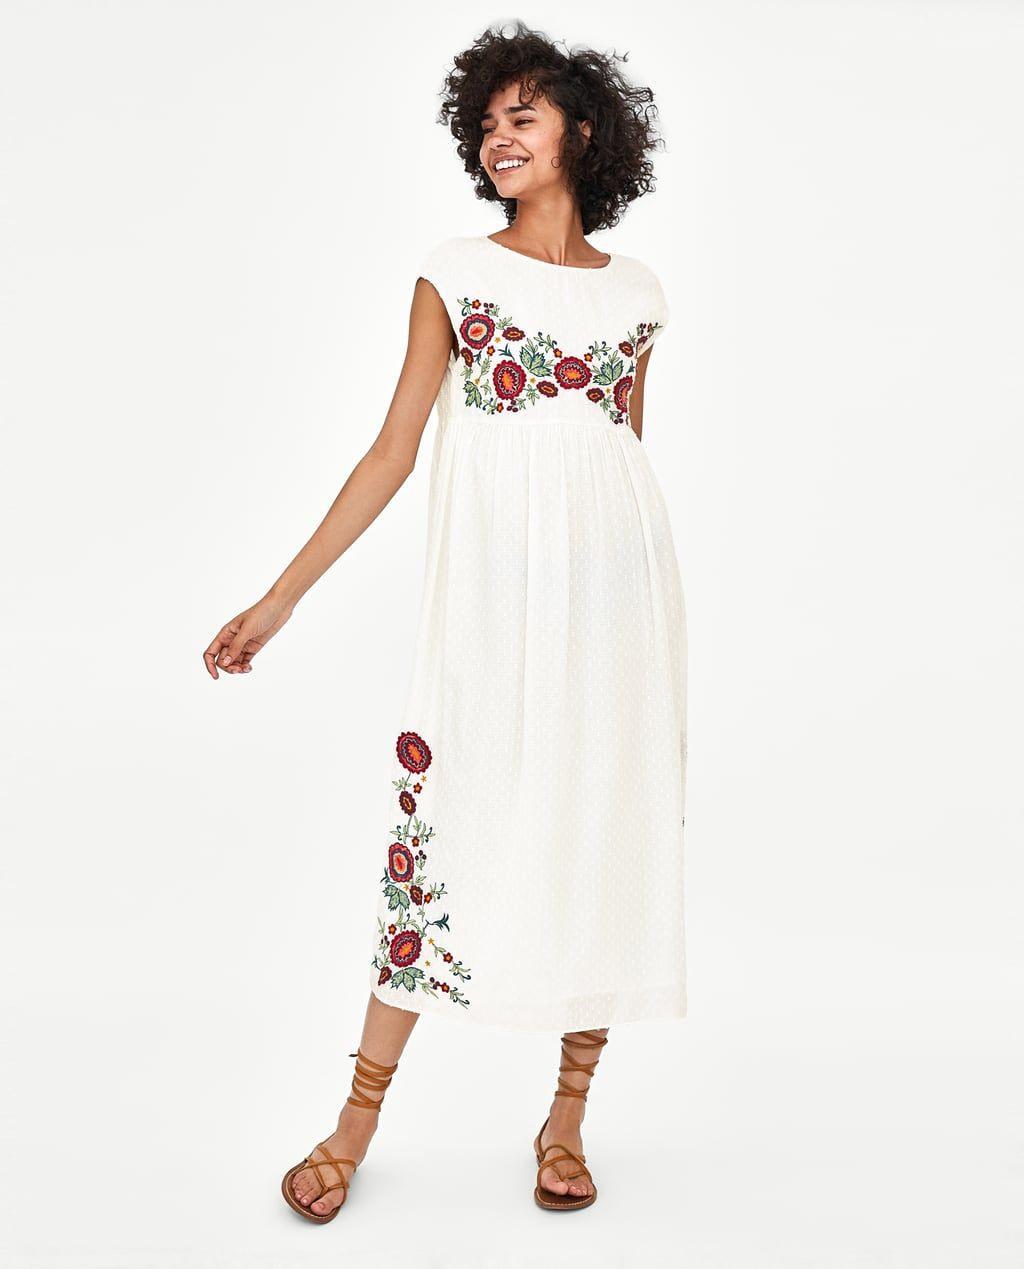 Leicht Zara Abend Kleider Boutique17 Einfach Zara Abend Kleider Design